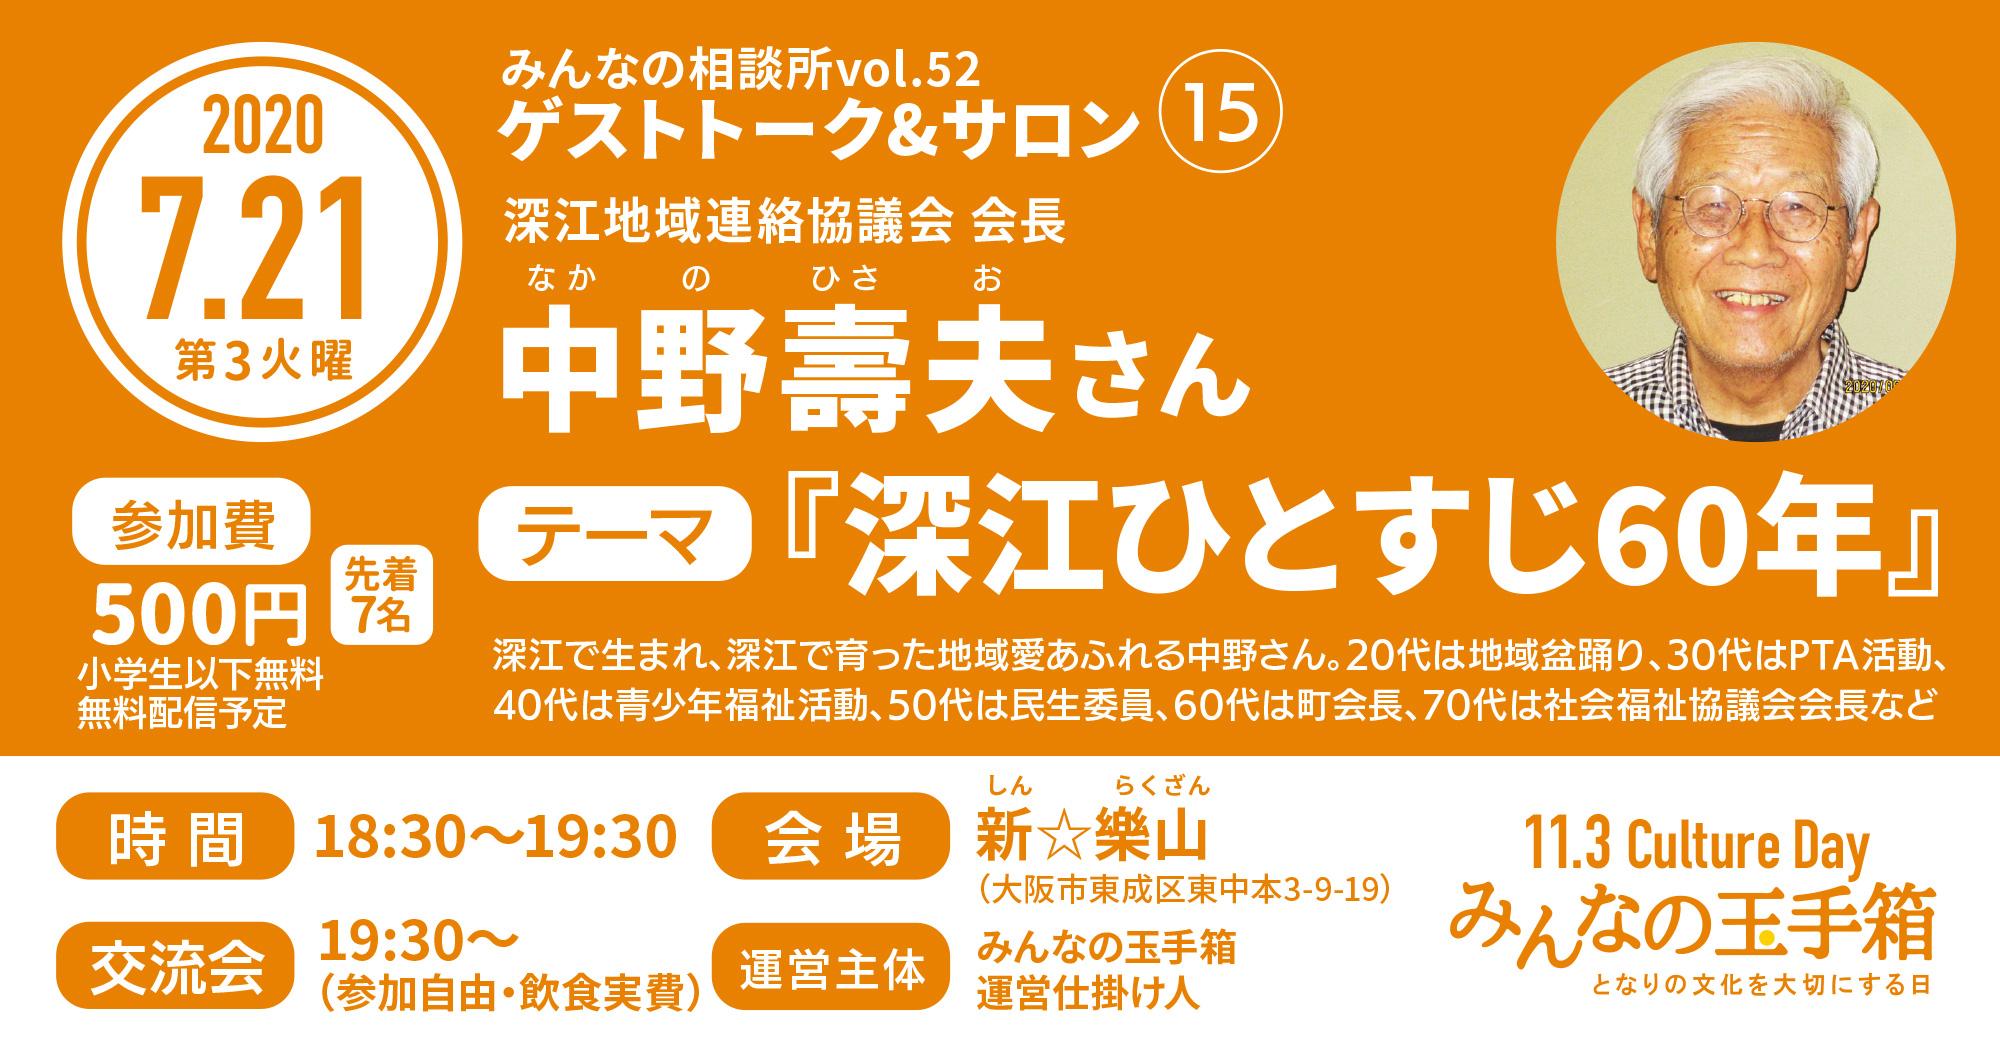 みんなの相談所vol.52 ゲストトーク&サロン:中野壽夫さん